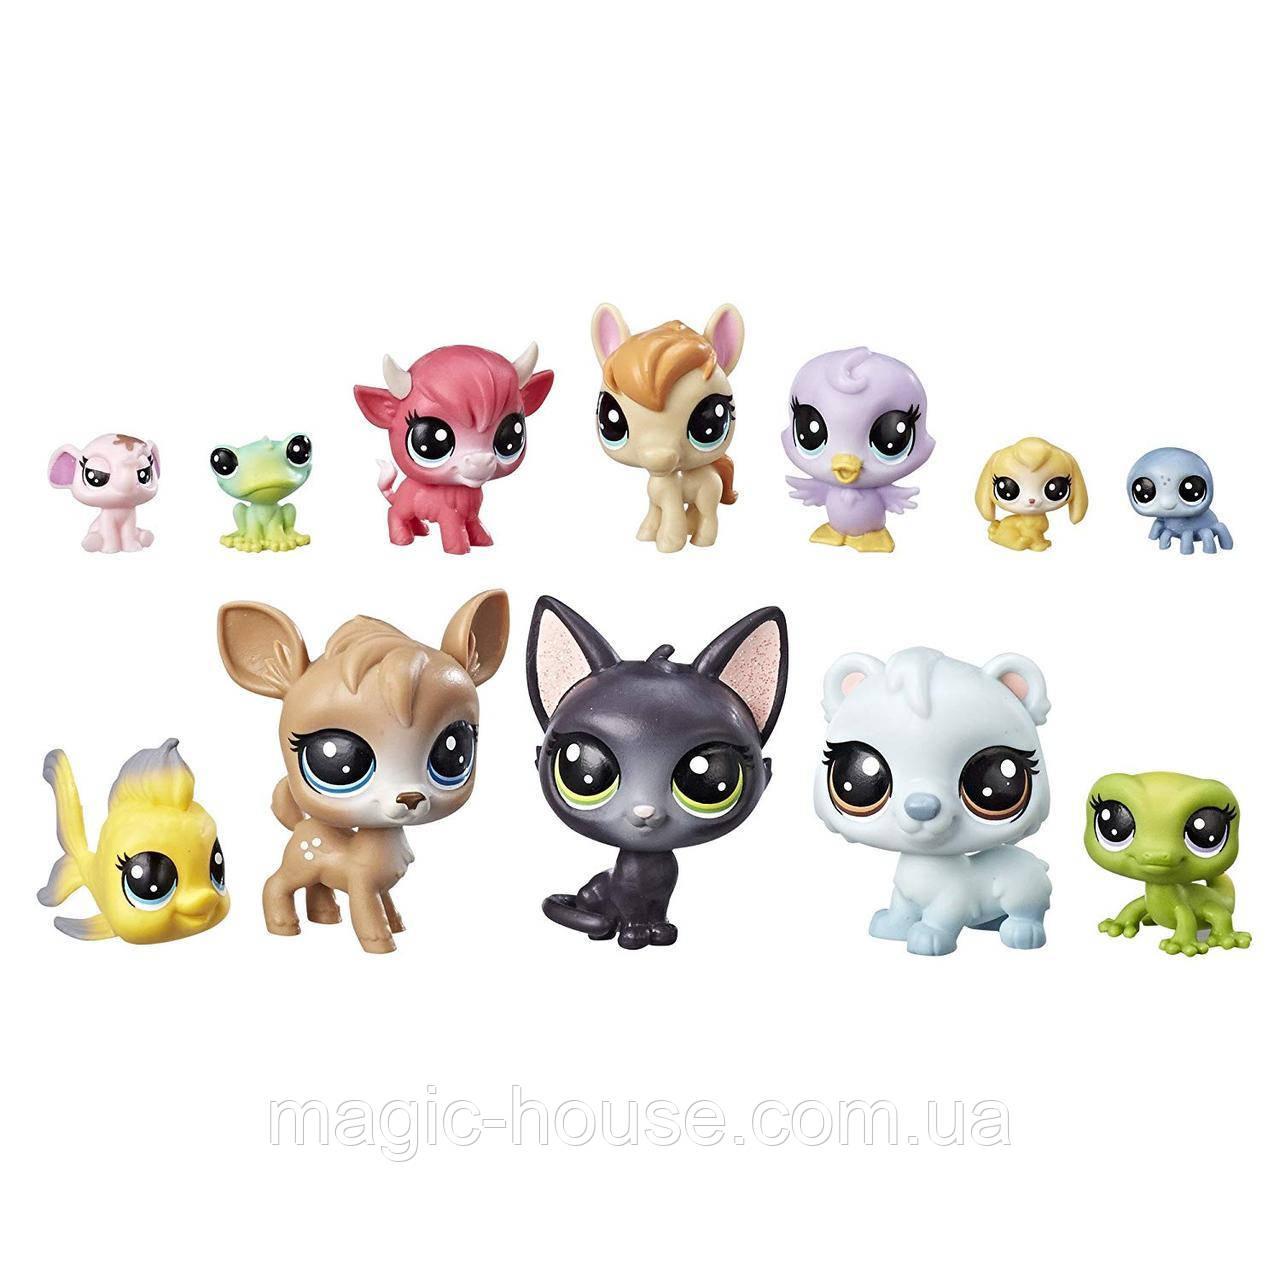 Игровой набор Littlest Pet Shop Lucky Dozen Donuts Оригинал от Hasbro